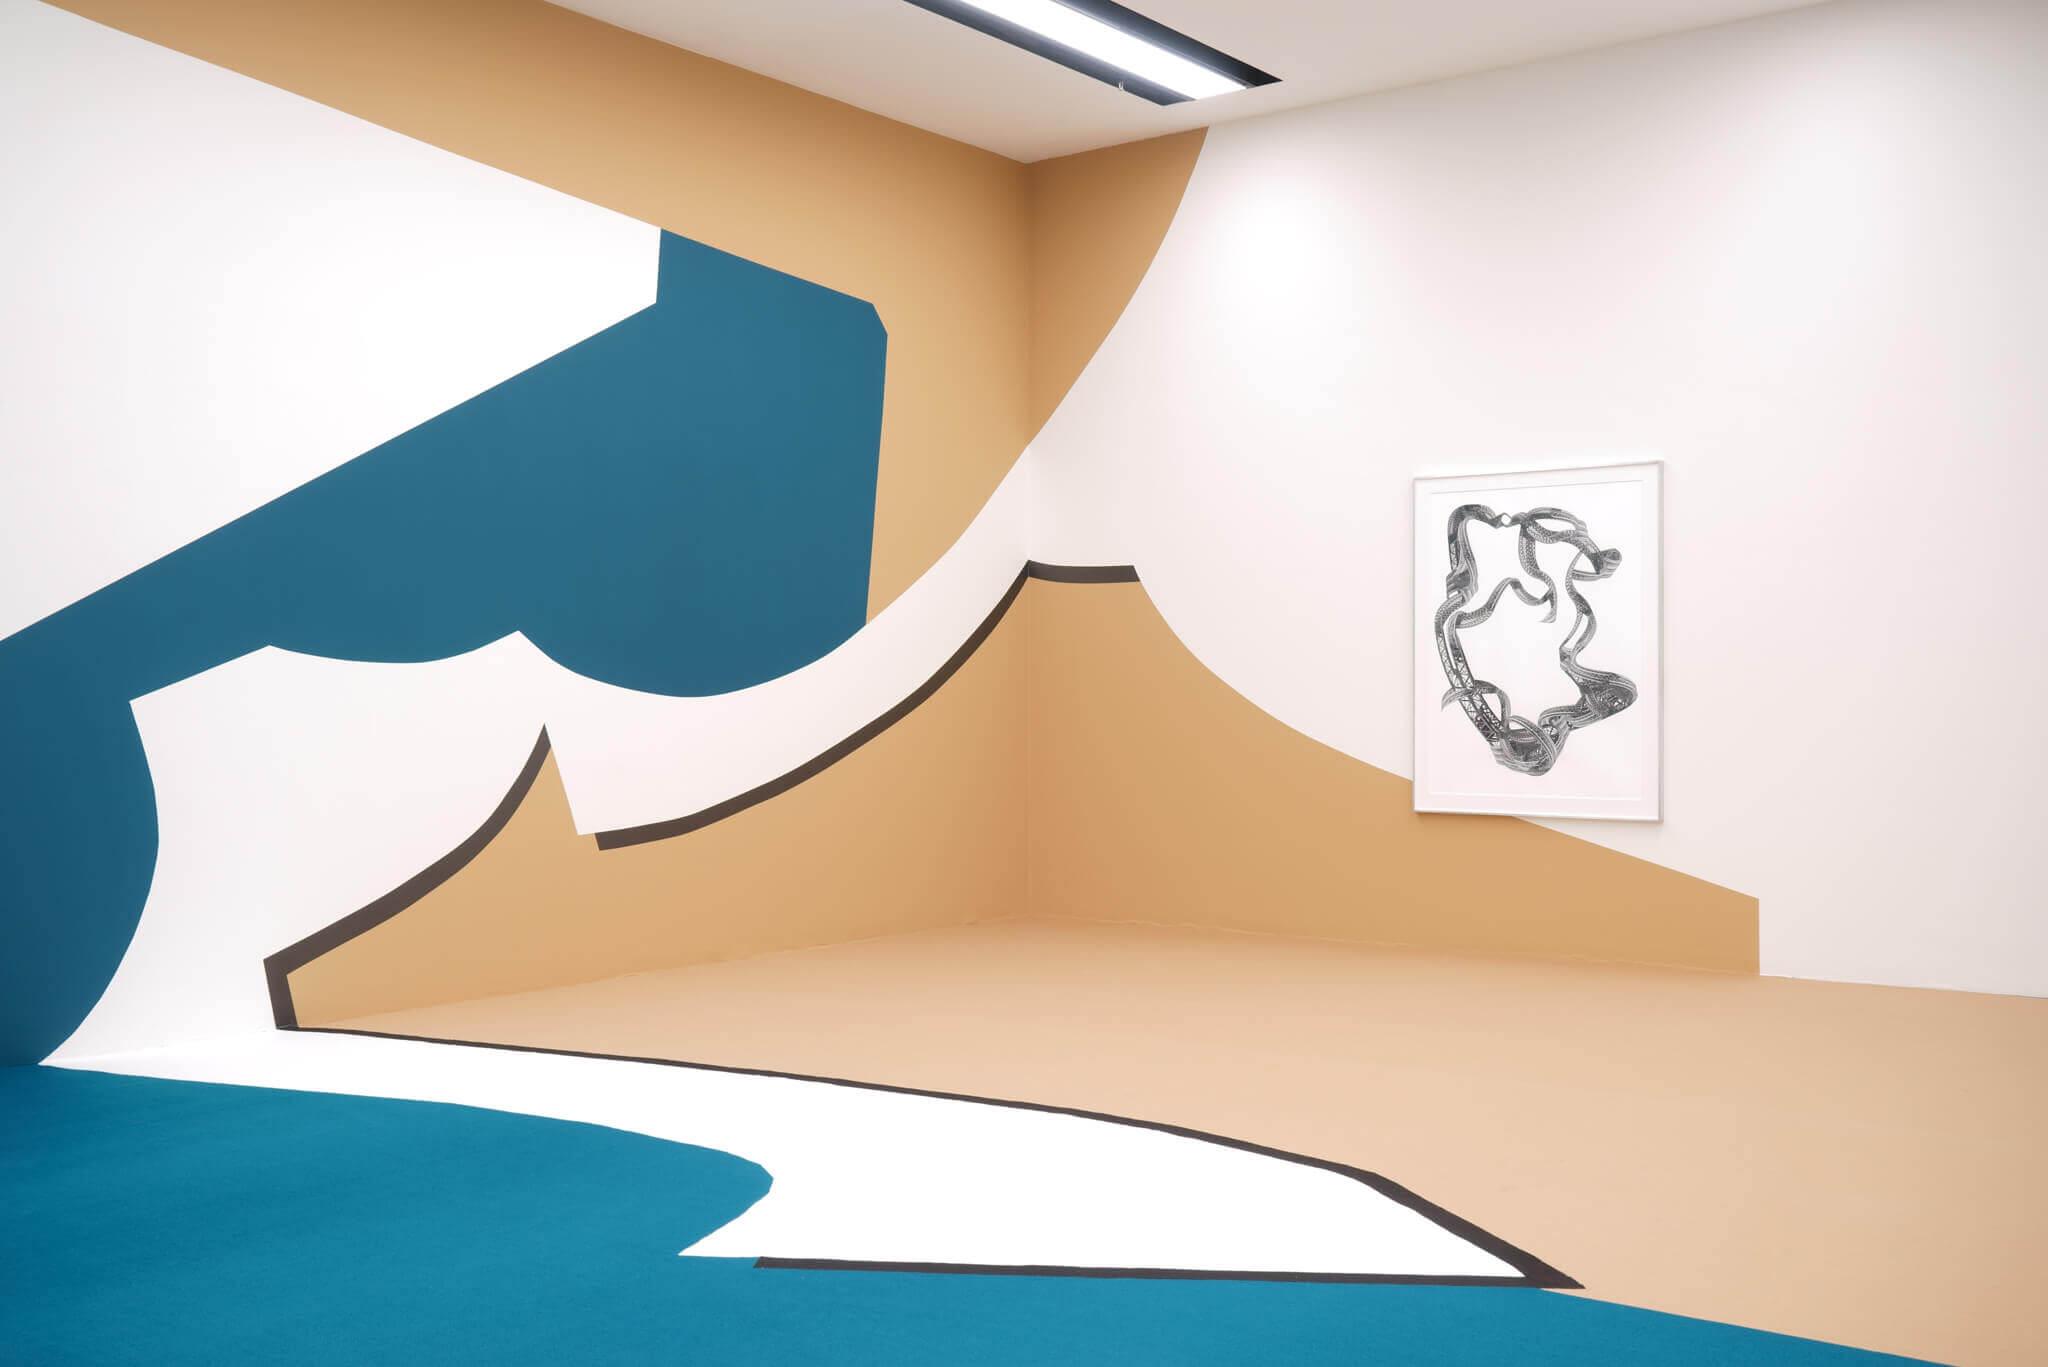 1_Frauke Dannert_Collage_Ausstellung_Wandmalerei_Kunstmuseum Luzern_ 2017